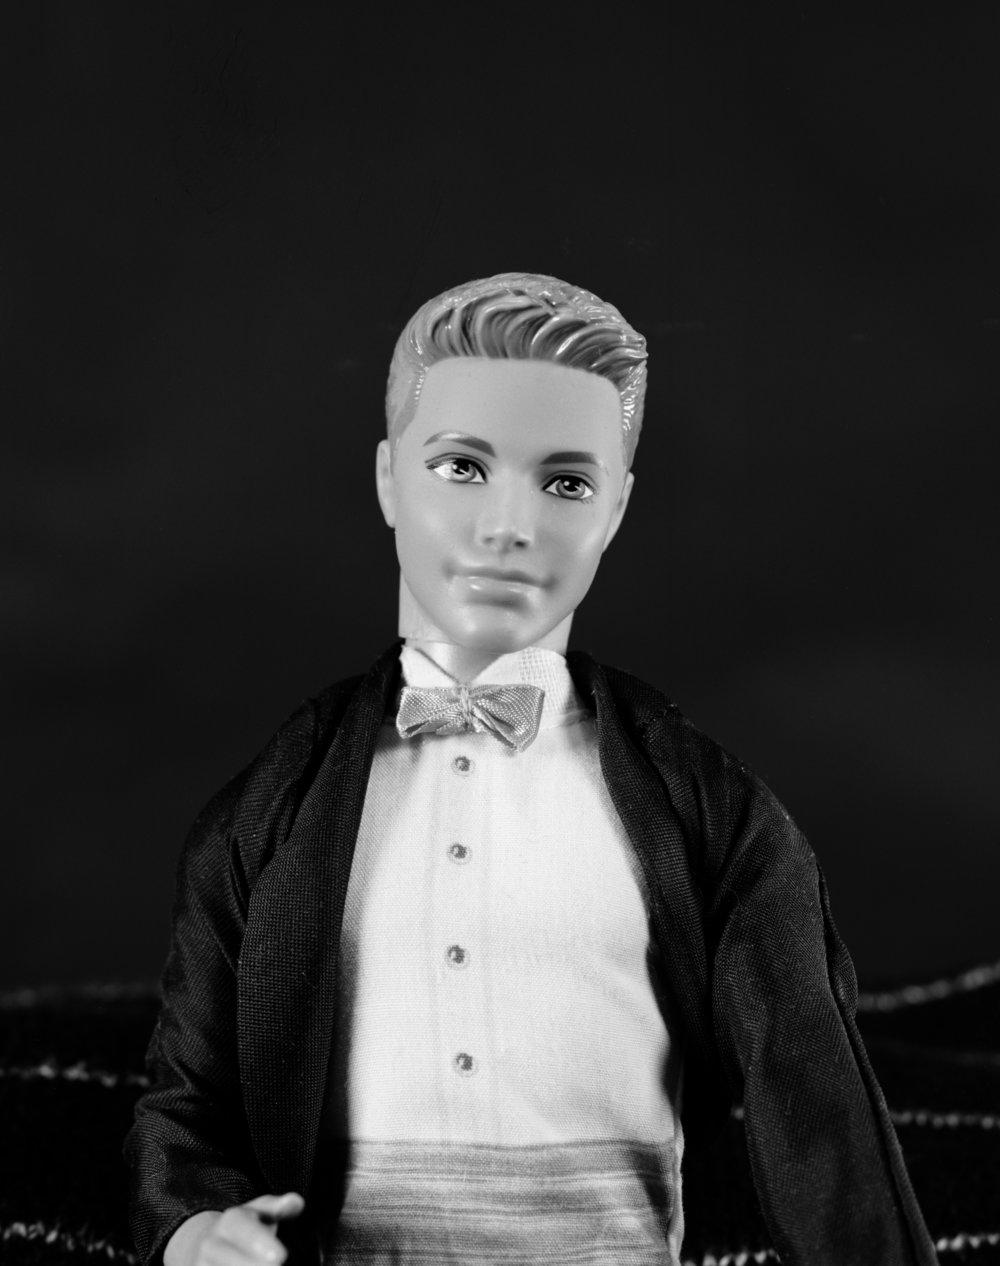 Ken_portrait_web.jpg